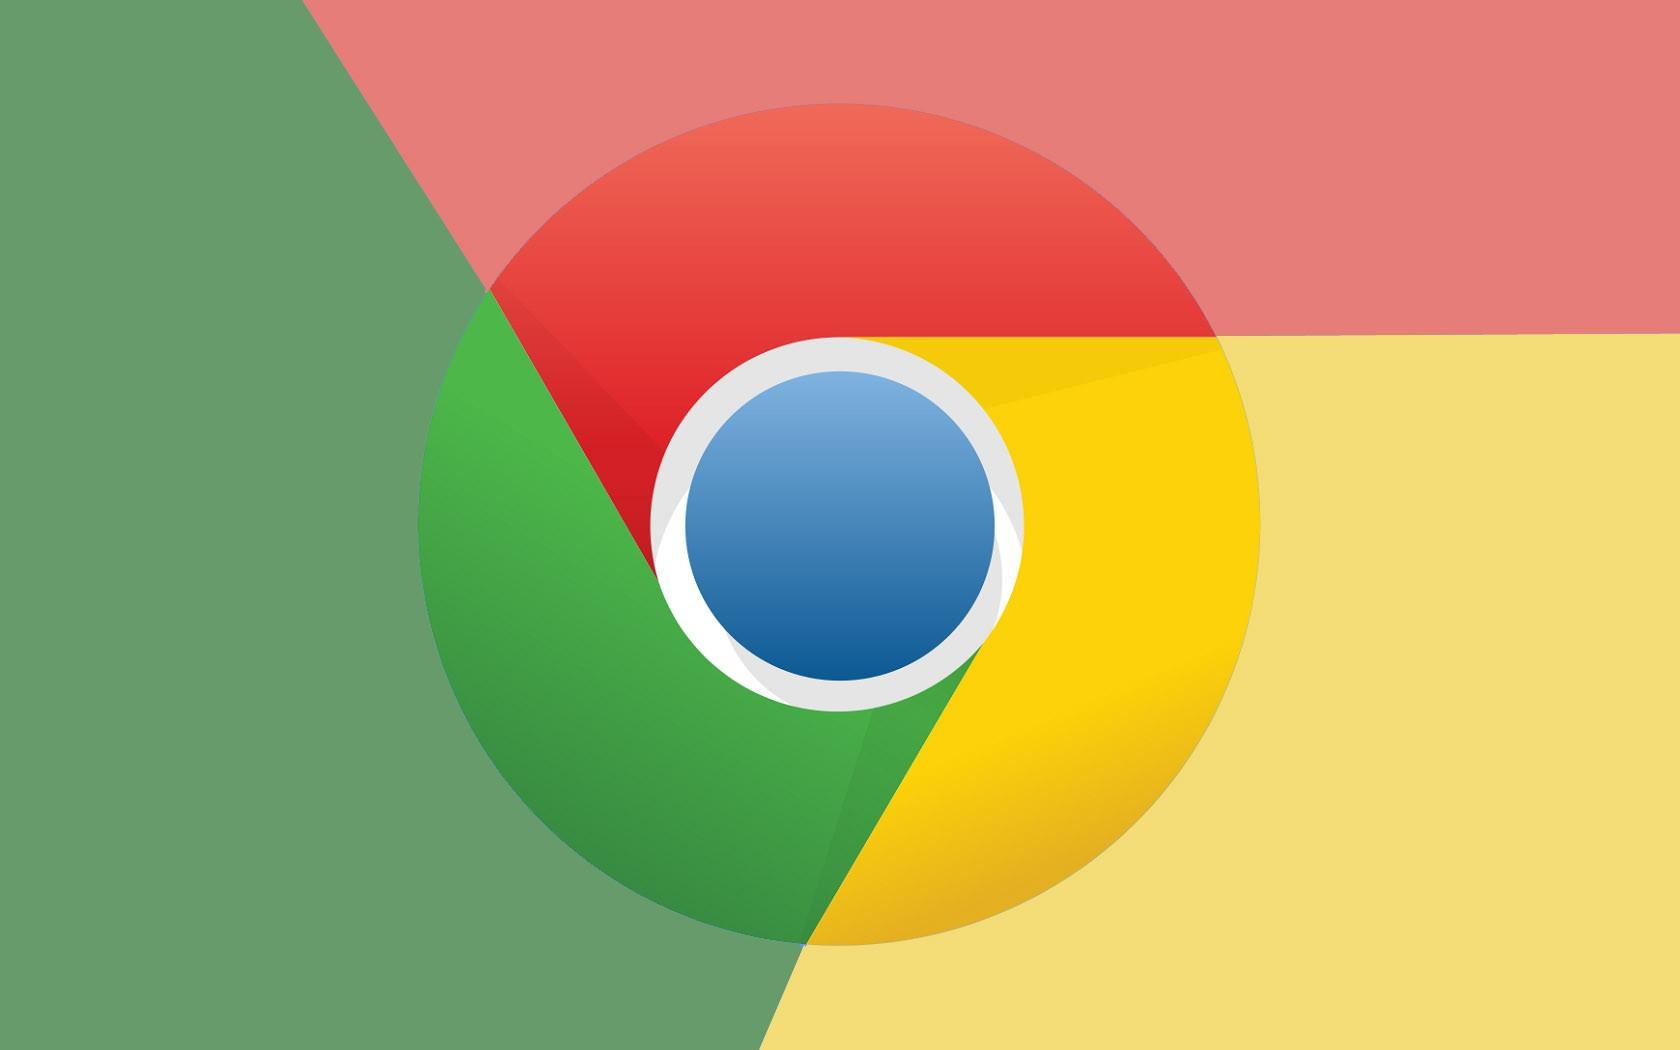 Простые советы и лучшие инструменты для ограничения использования памяти в Google Chrome